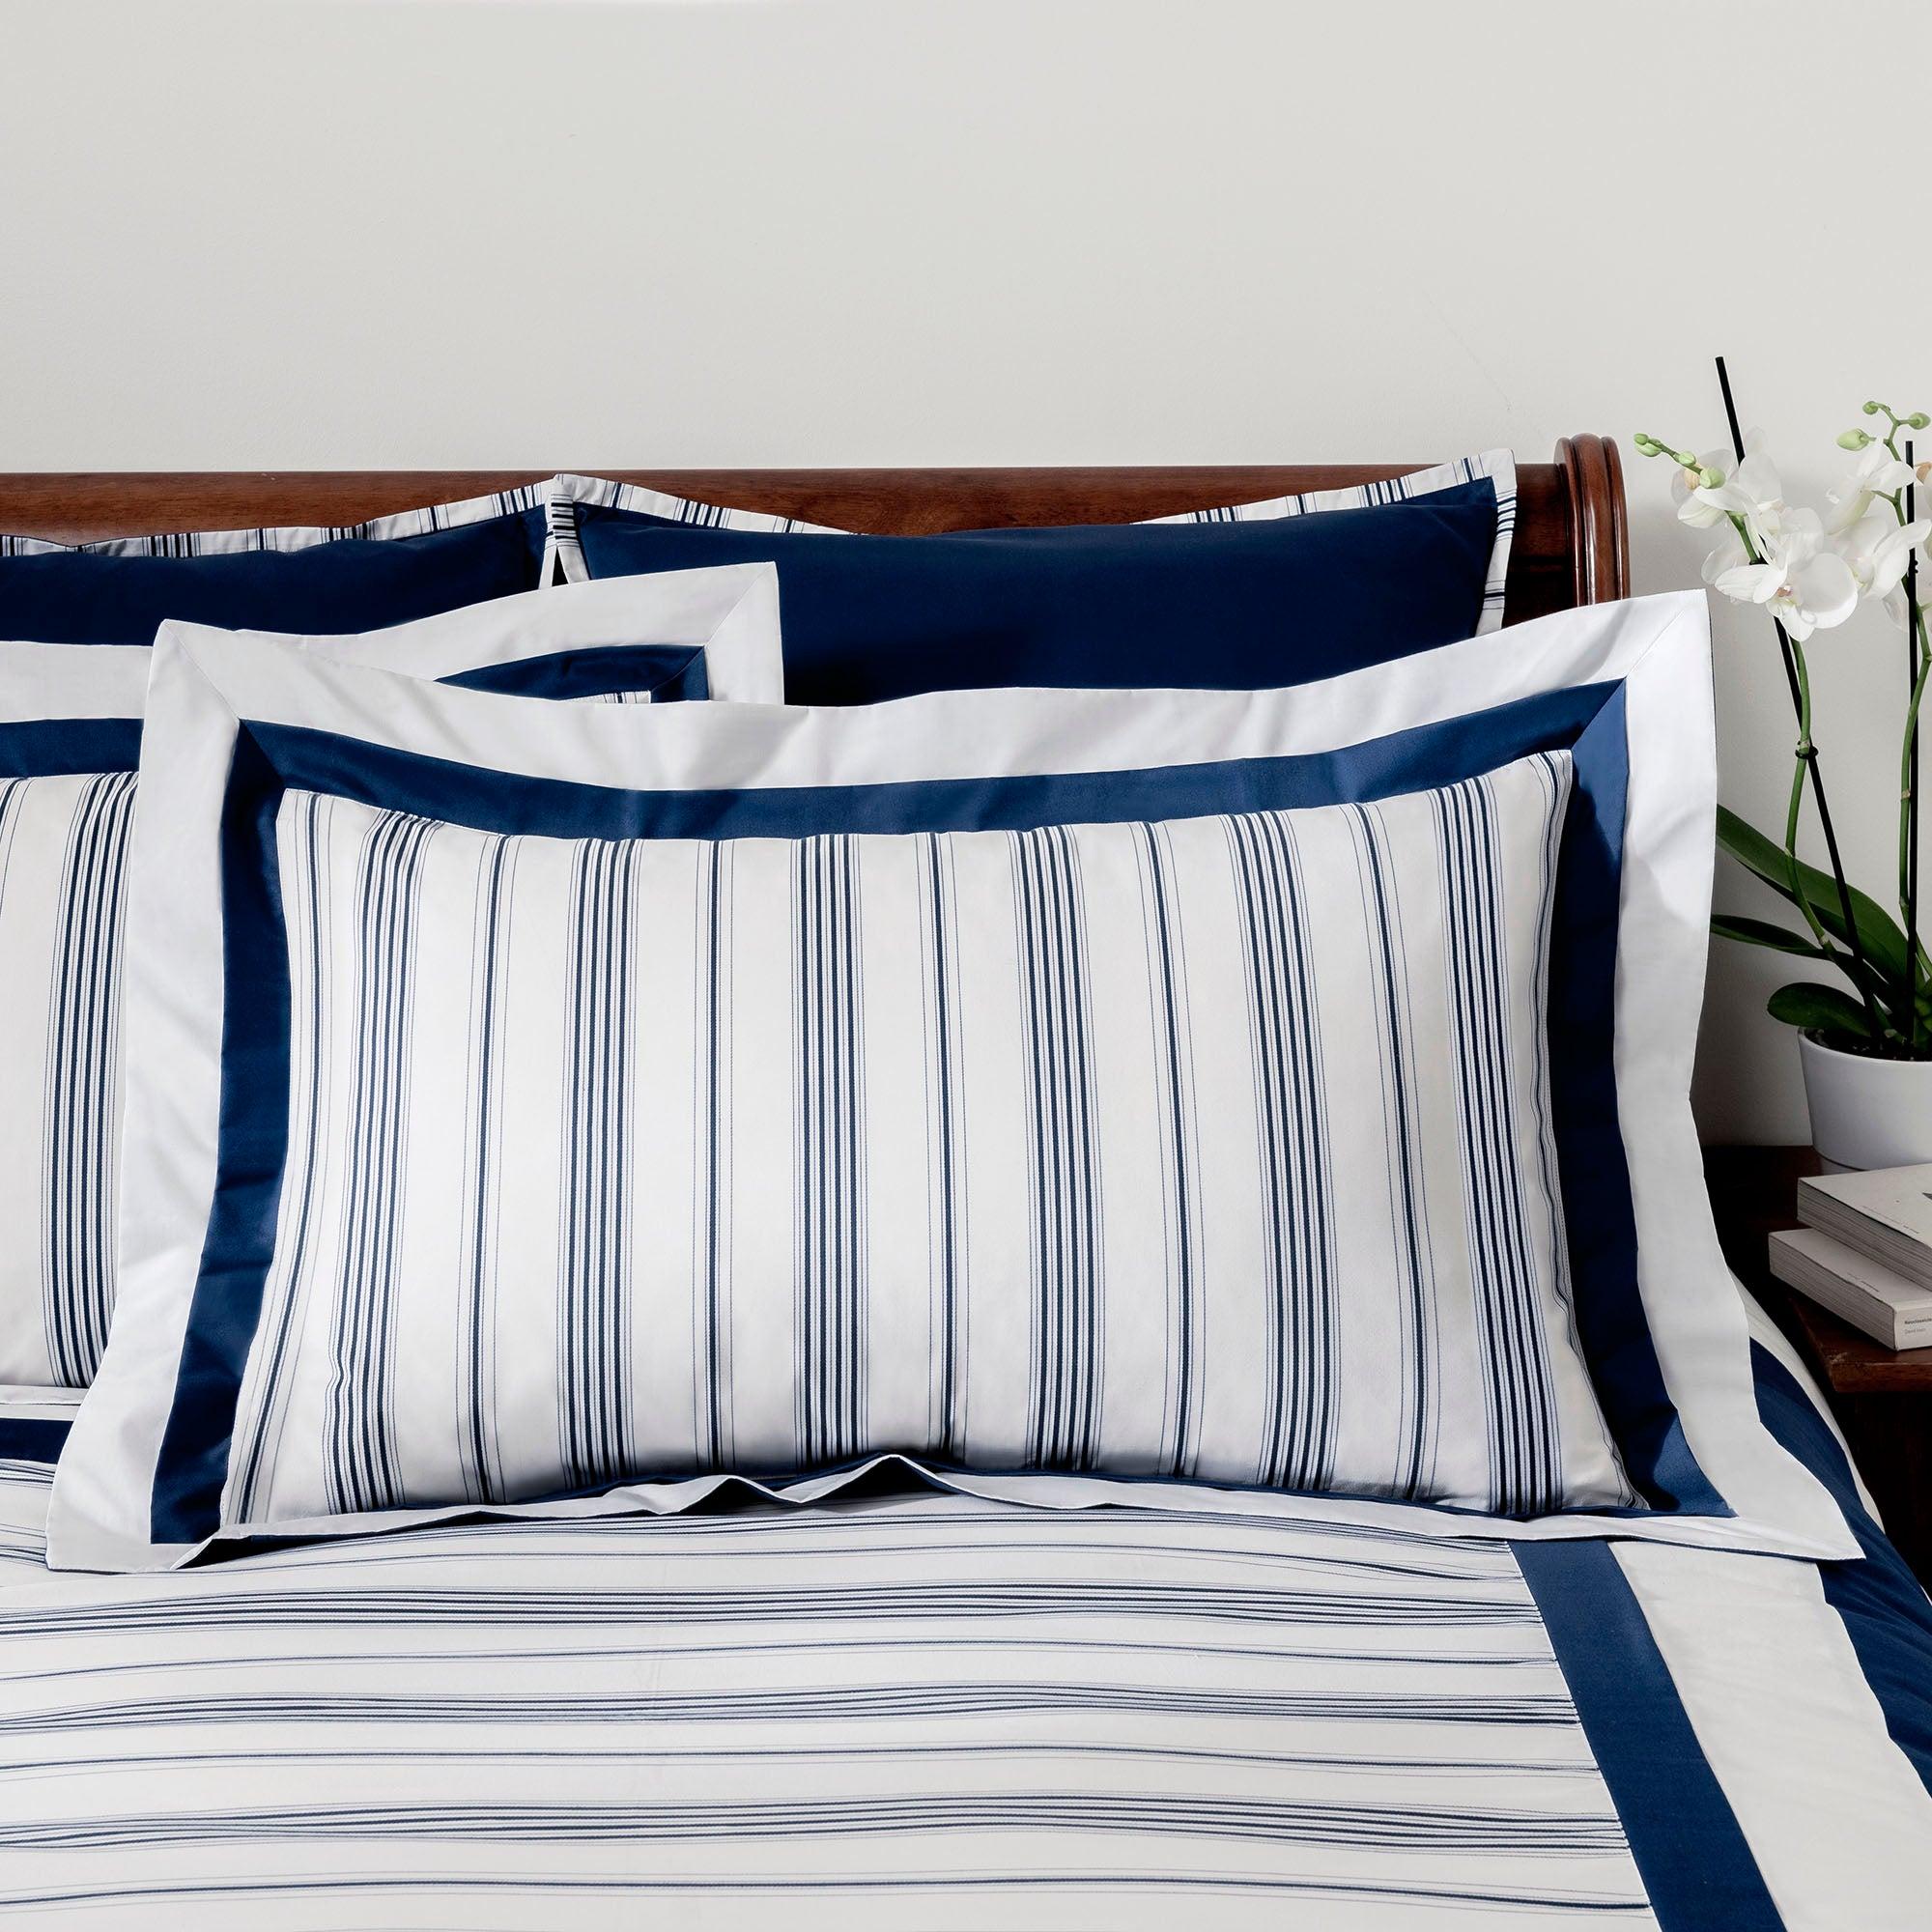 Dorma Navy Monaco Collection Oxford Pillowcase